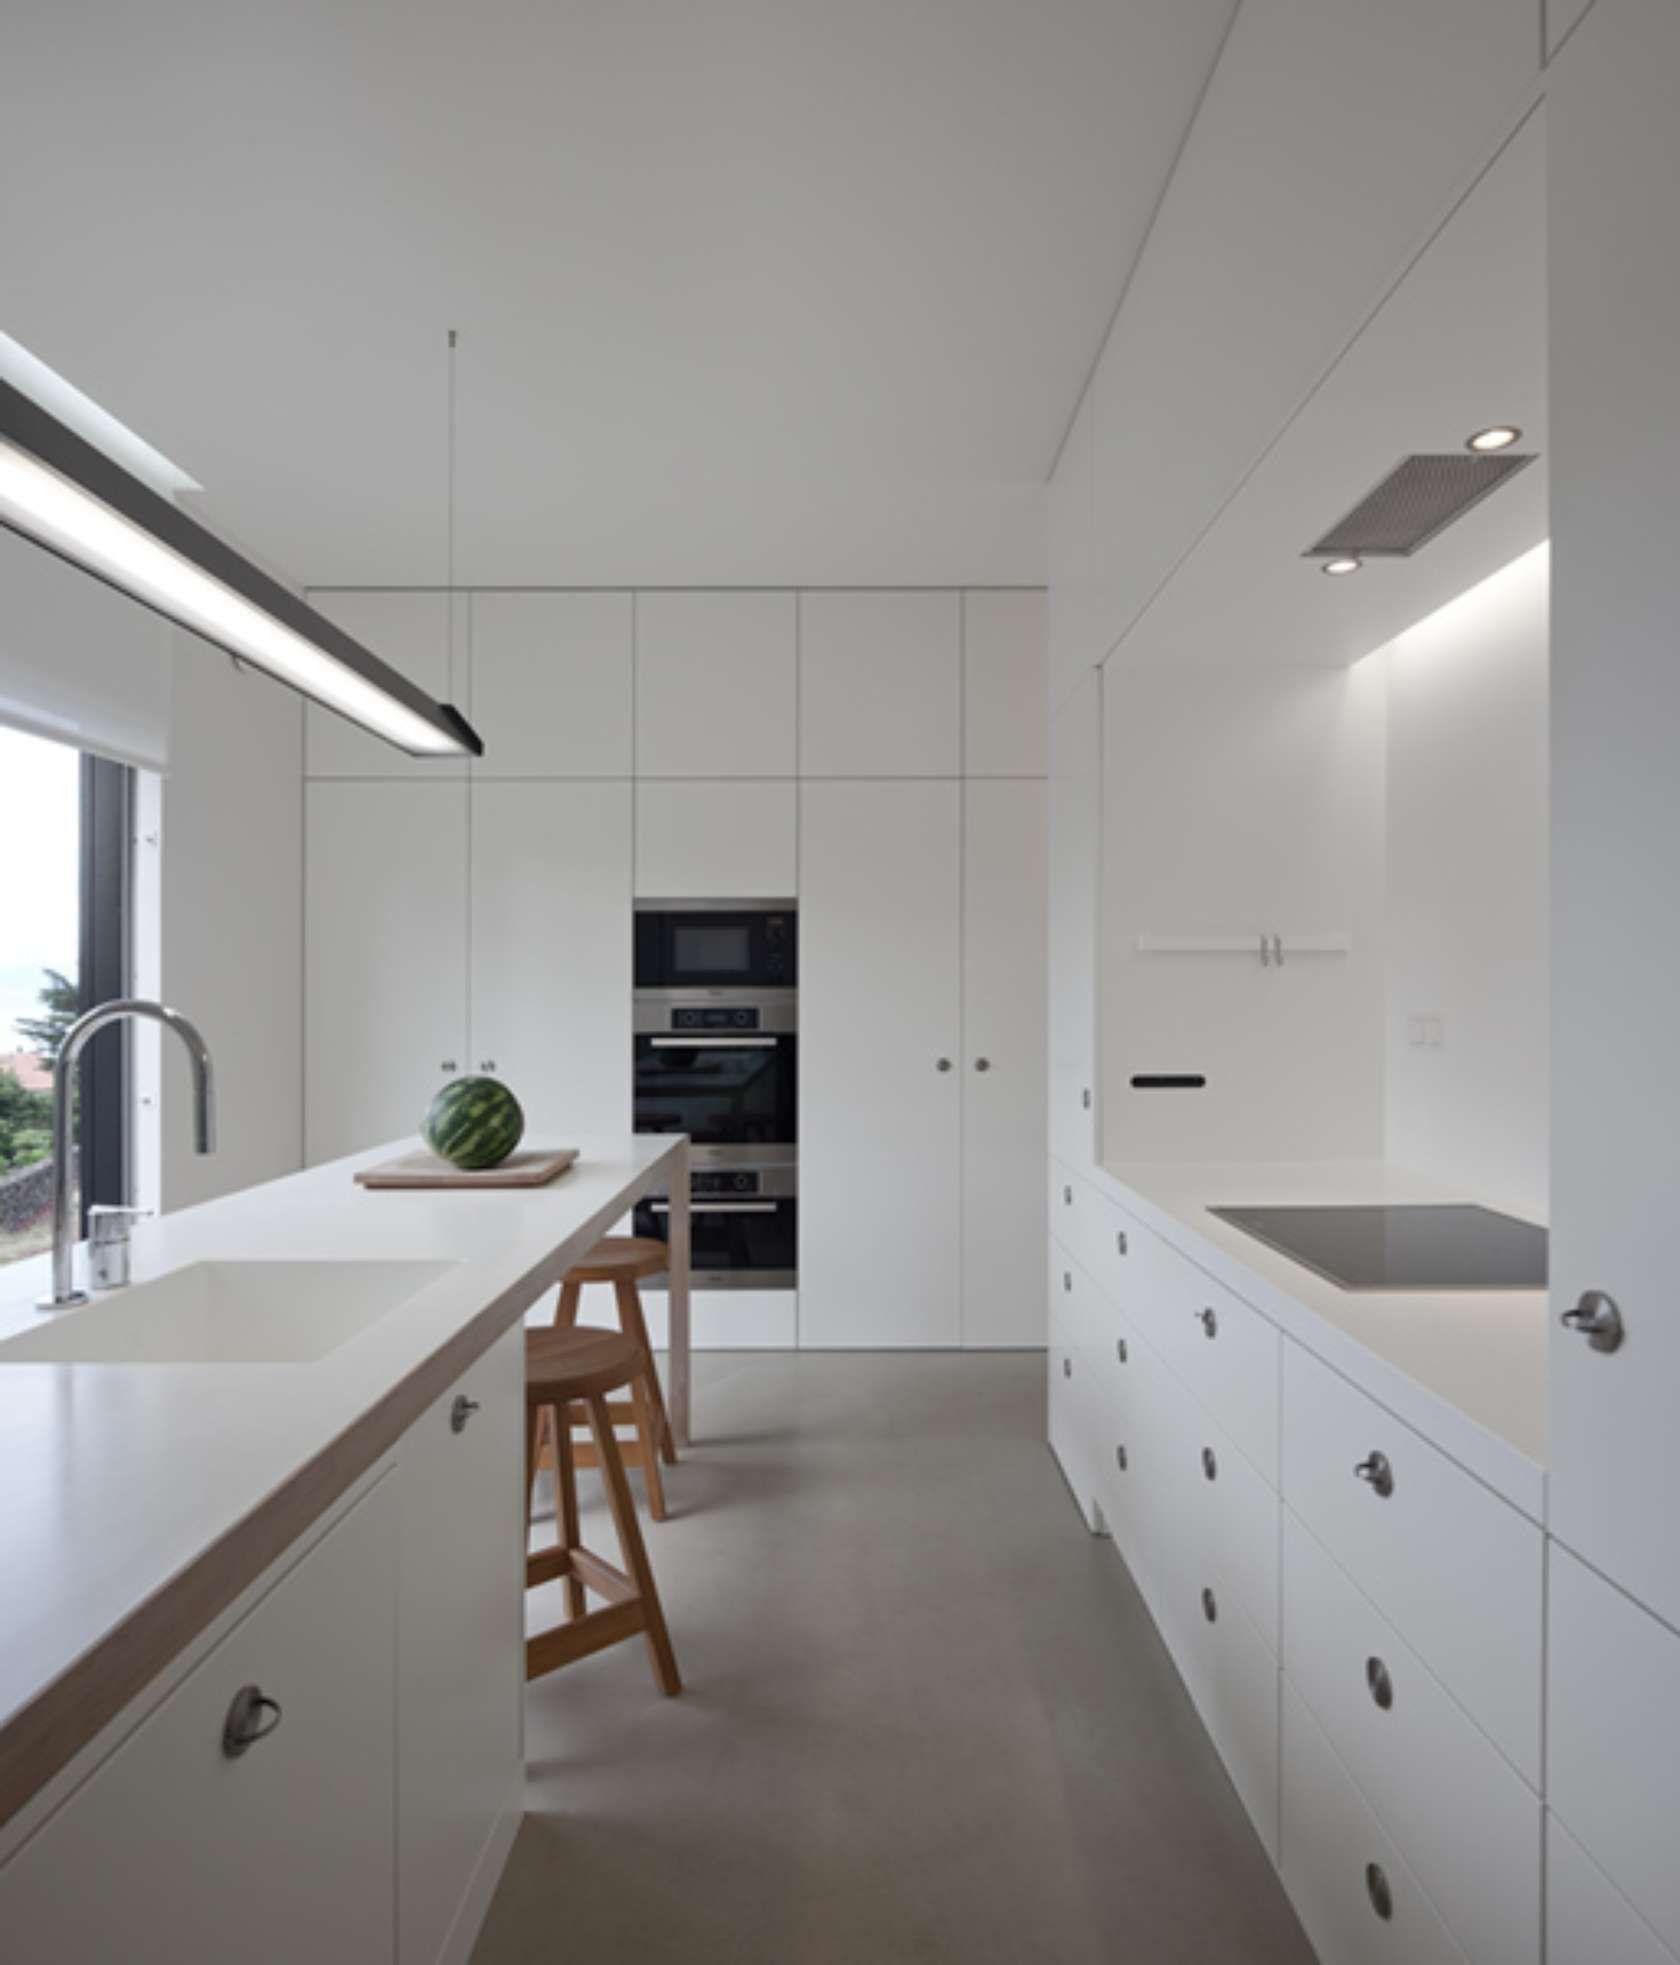 Perfekt Beste Küchendesign Für Niedrigen Decken Ideen Küche Set Ideen .